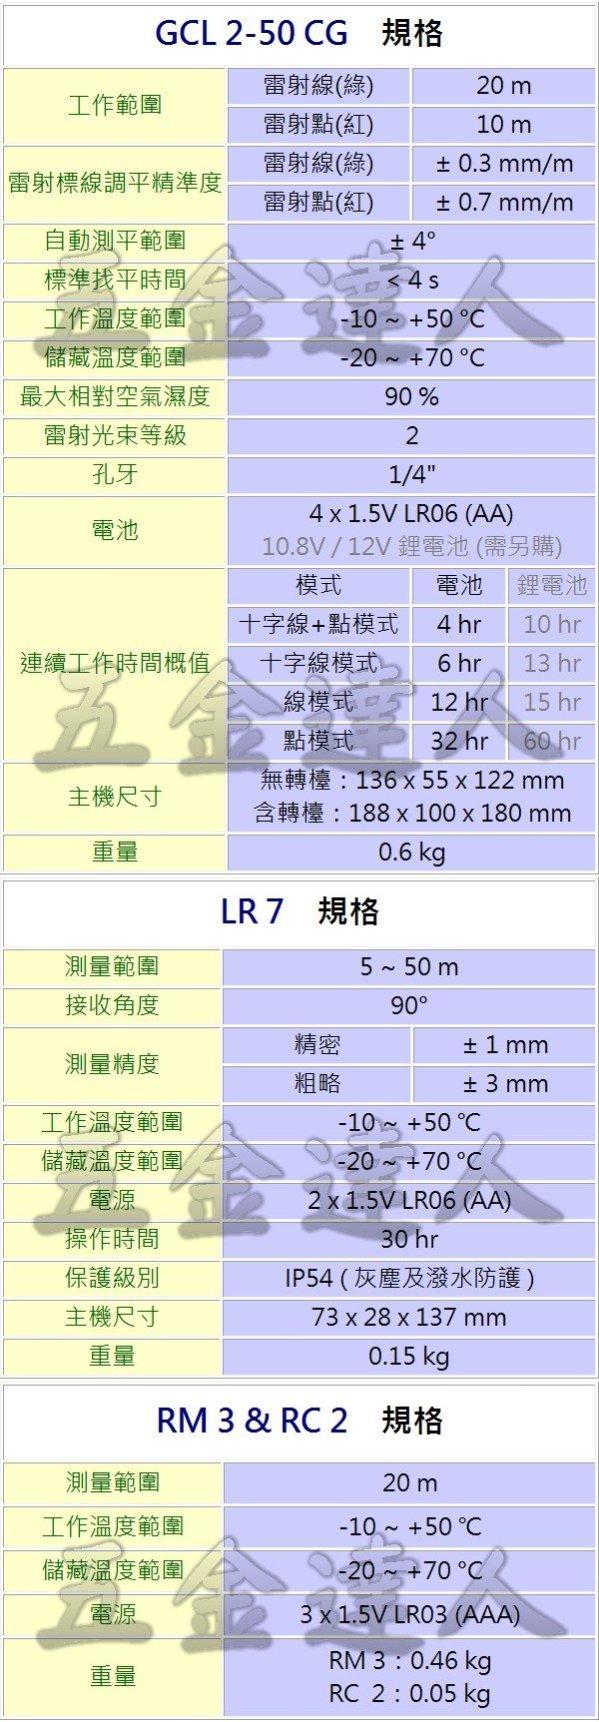 GCL2-50CG規格,五金工具,雷射墨線儀